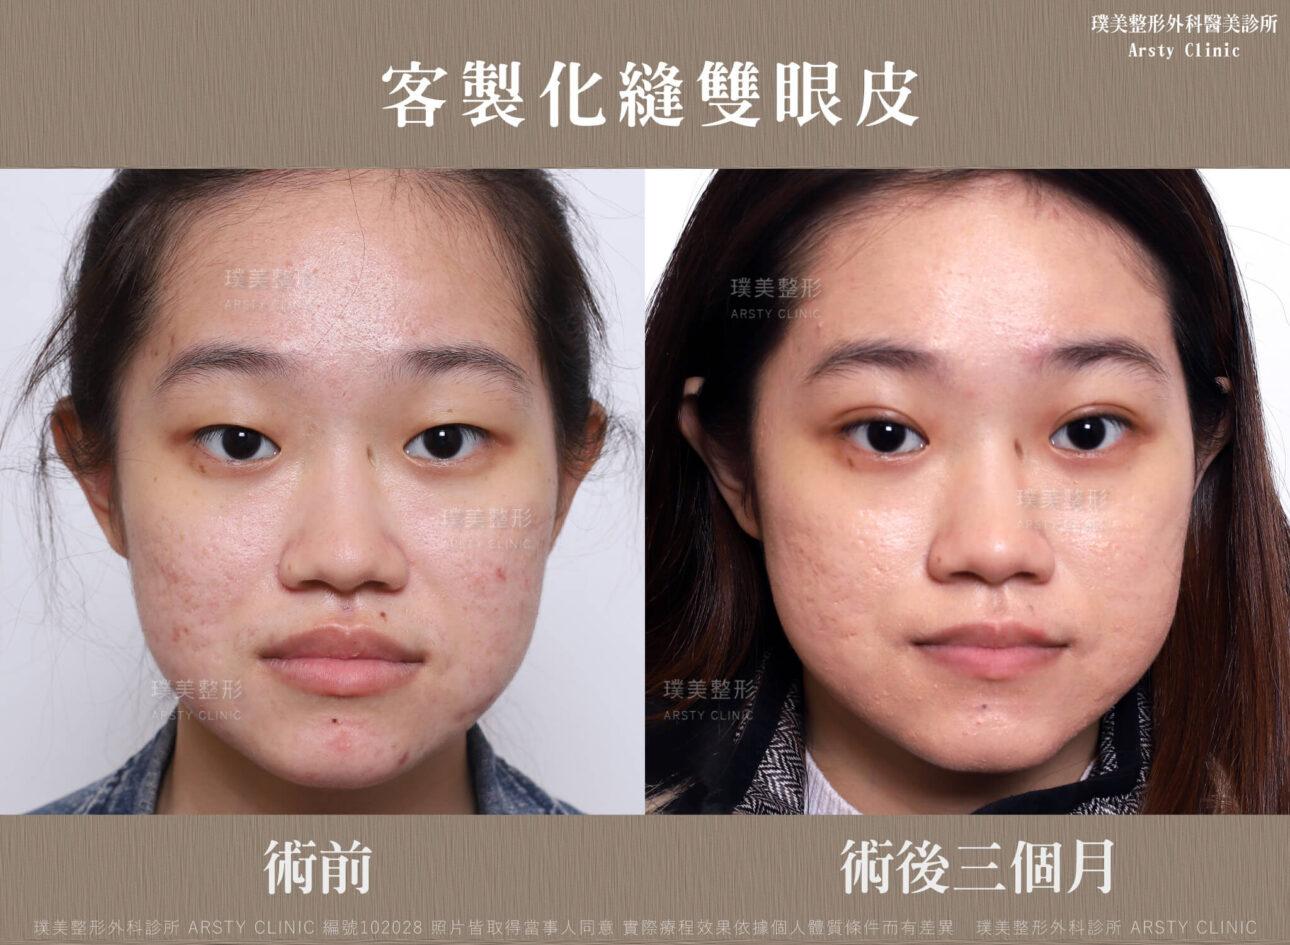 縫雙眼皮-BA-102028-正面-1m